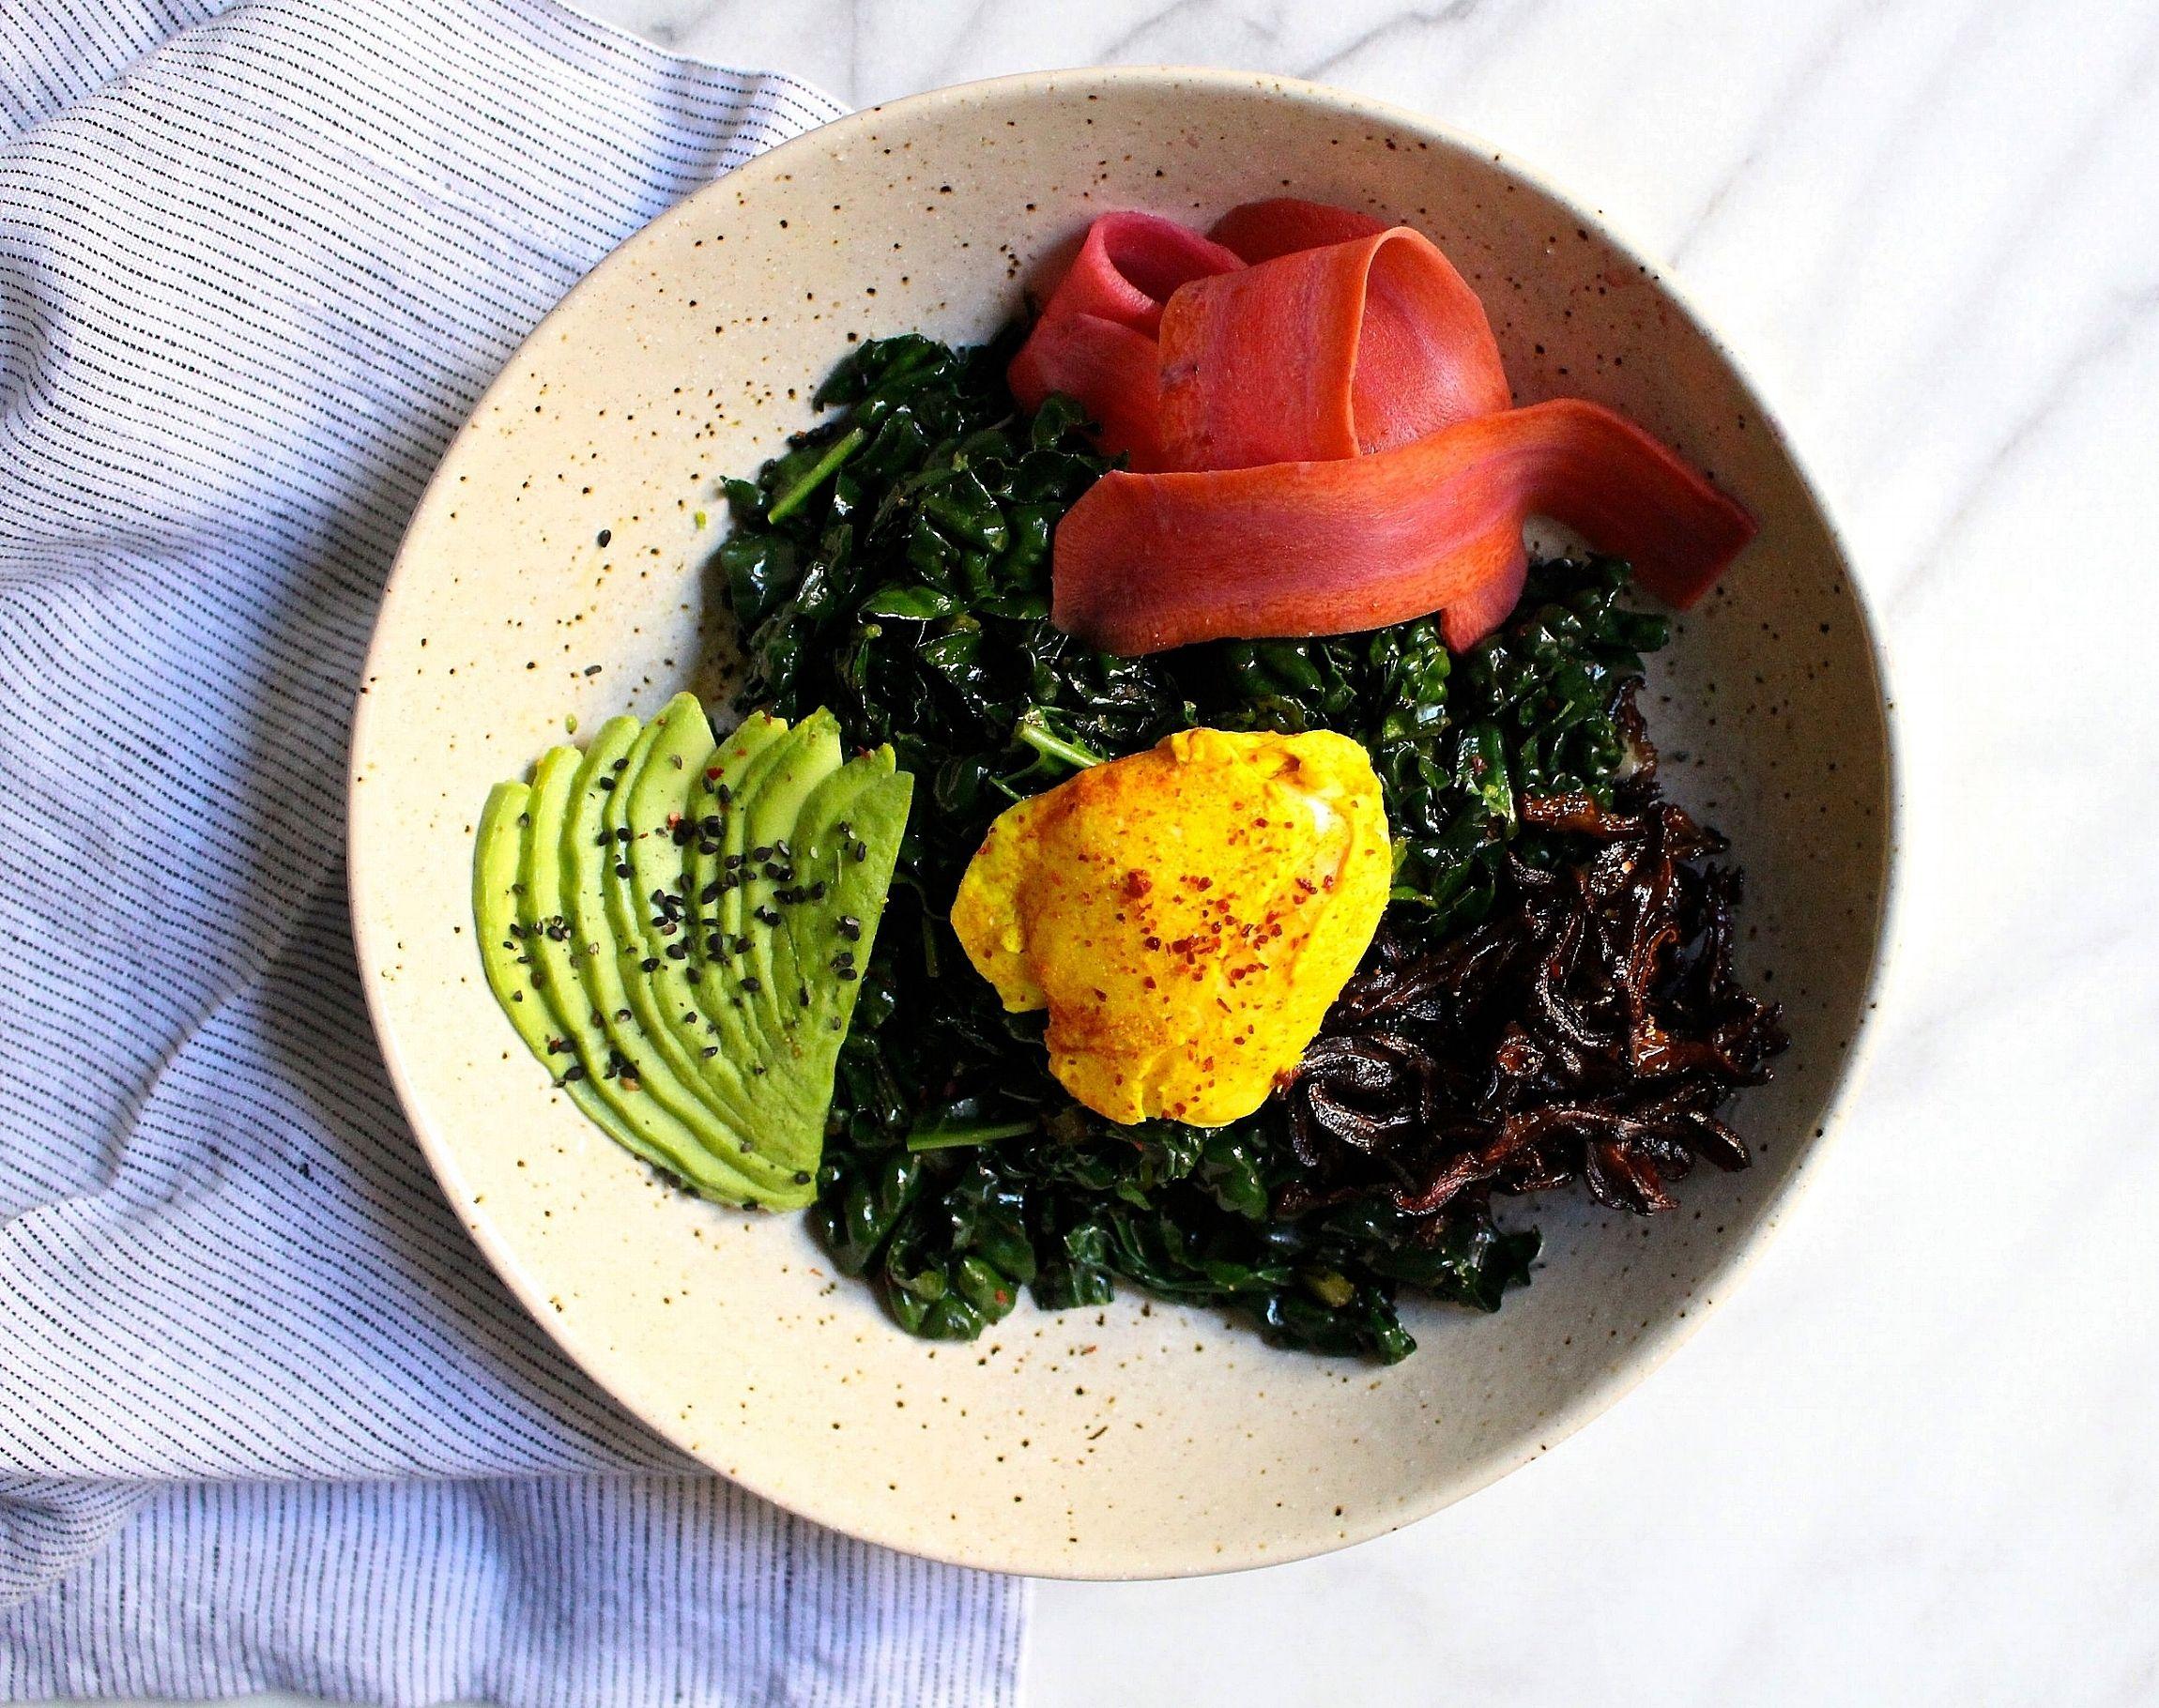 Turmeric Poached Egg, Shiitake Bacon and Kale